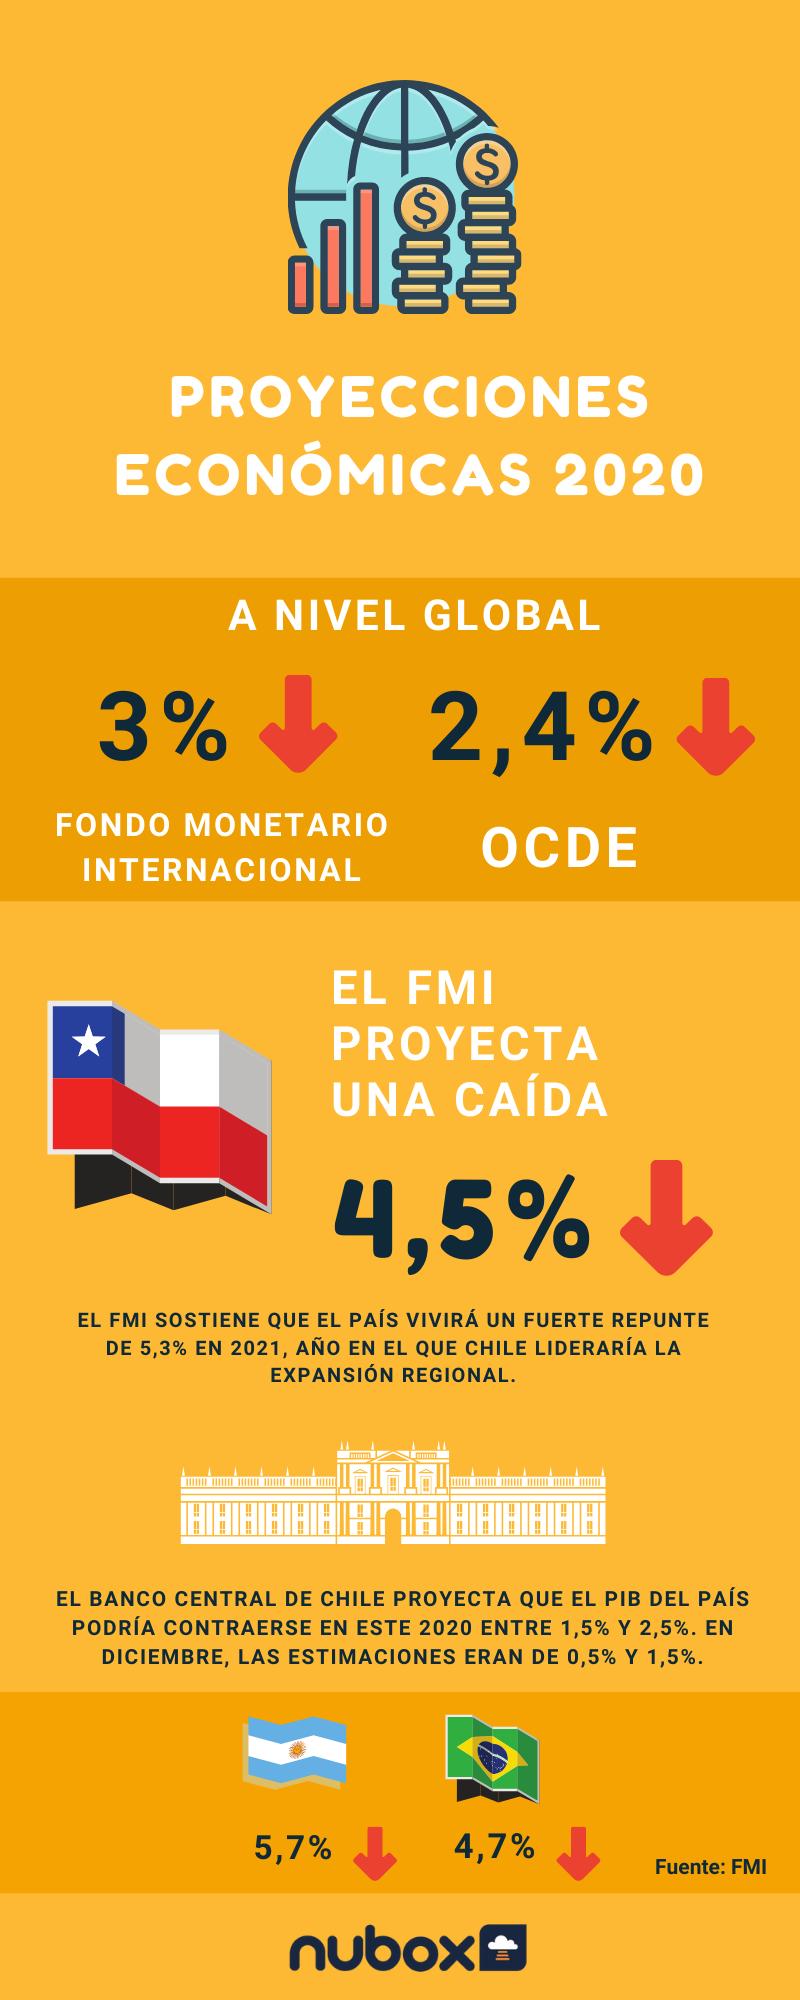 Proyecciones Económicas - COVID-19-1